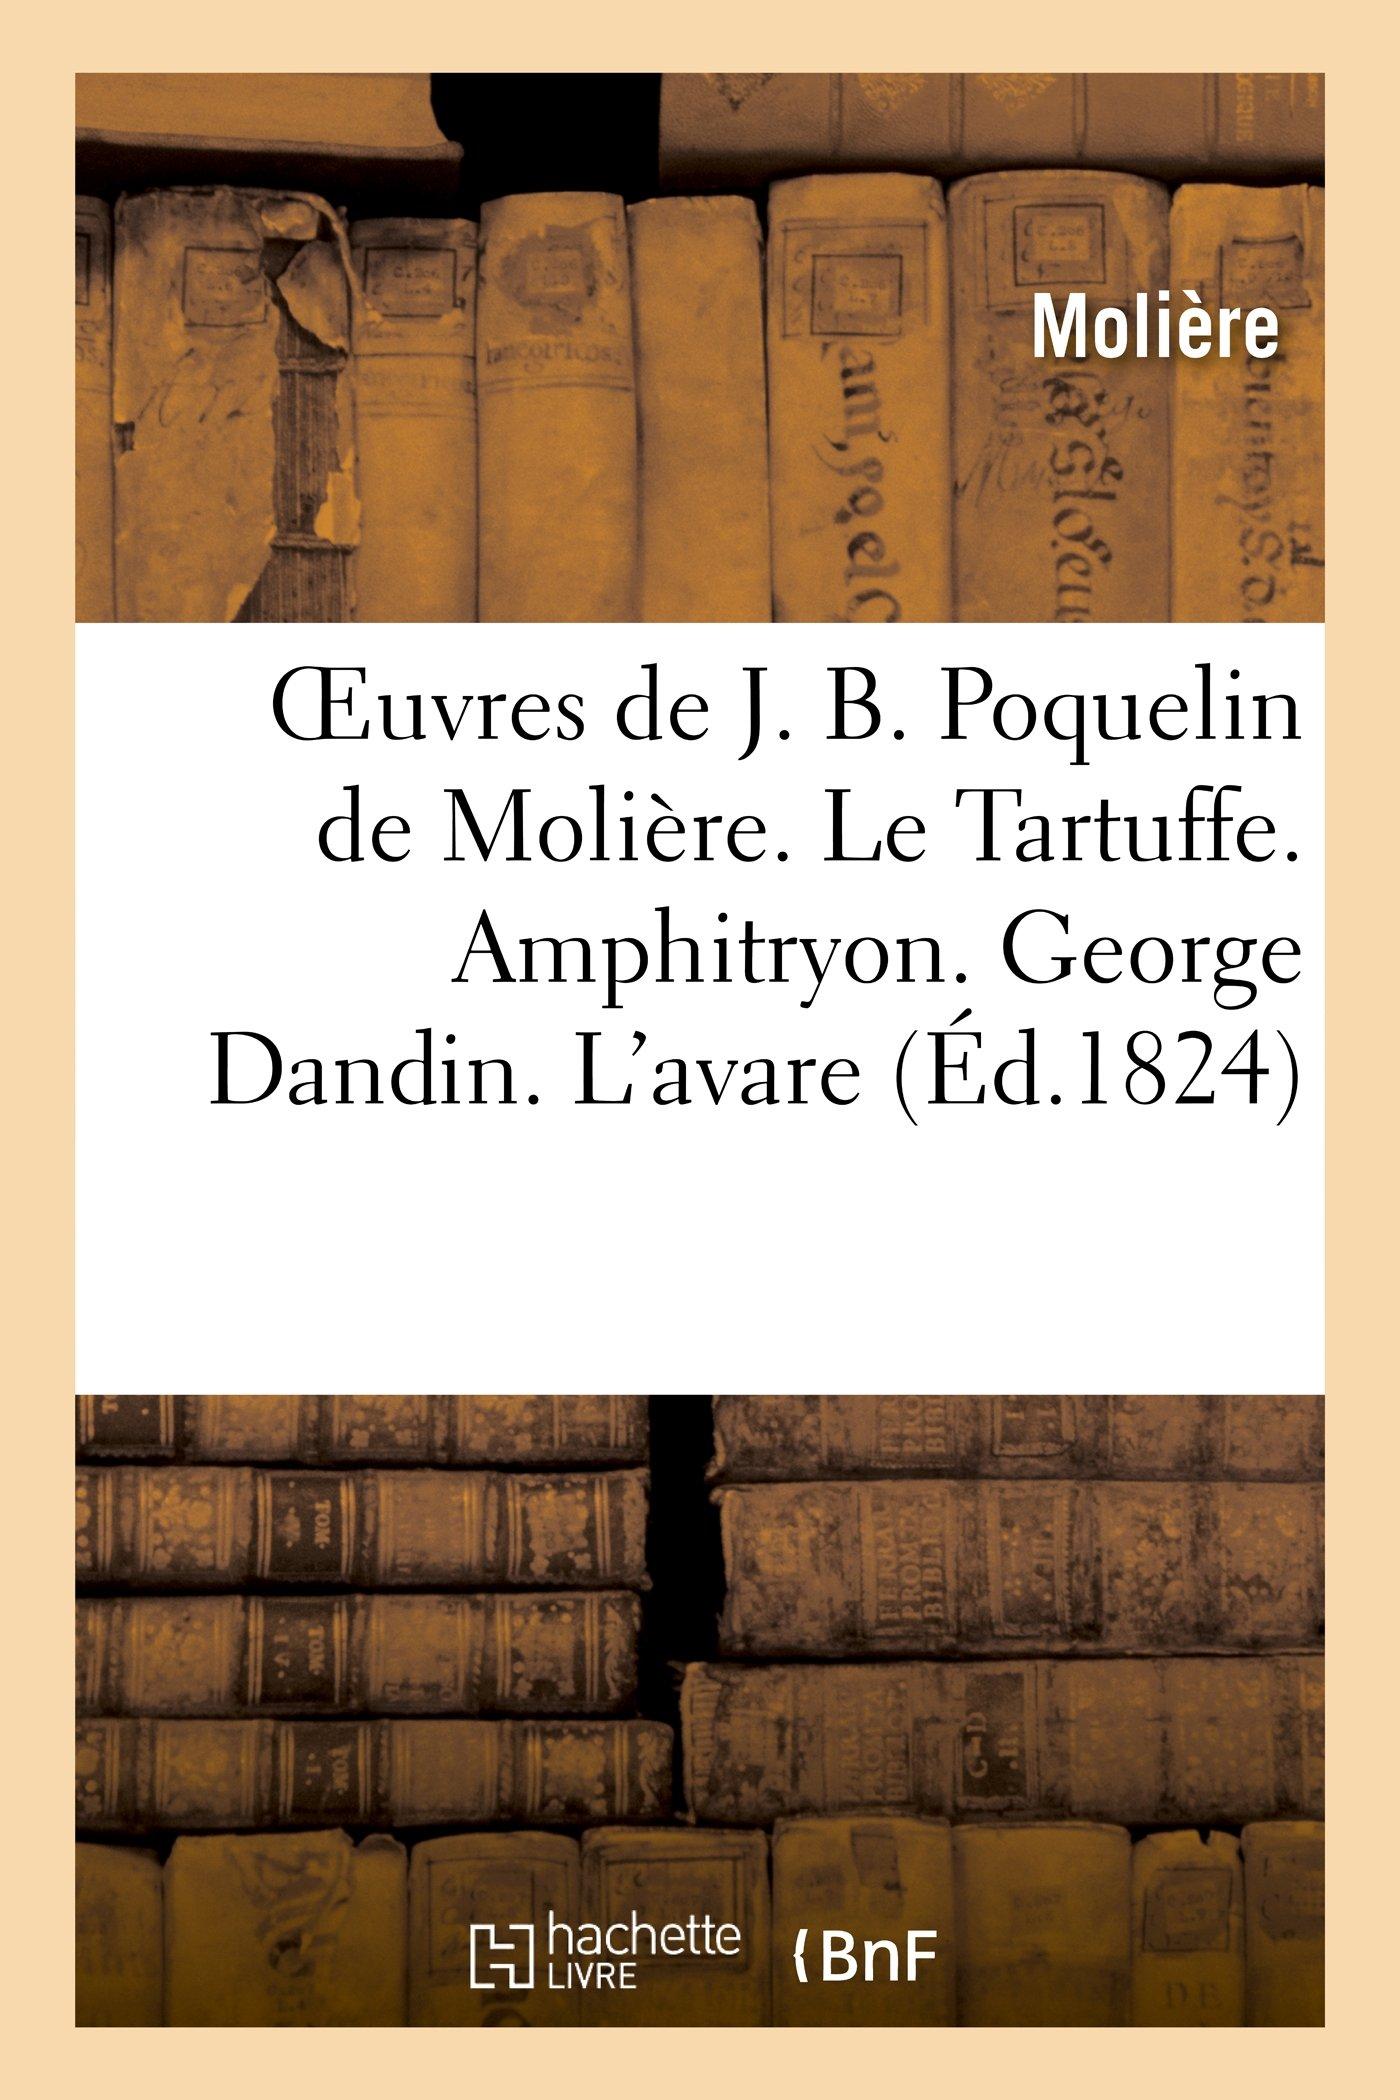 Oeuvres de J. B. Poquelin de Moliere. Le Tartuffe. Amphitryon. George Dandin. L Avare (Litterature) (French Edition)